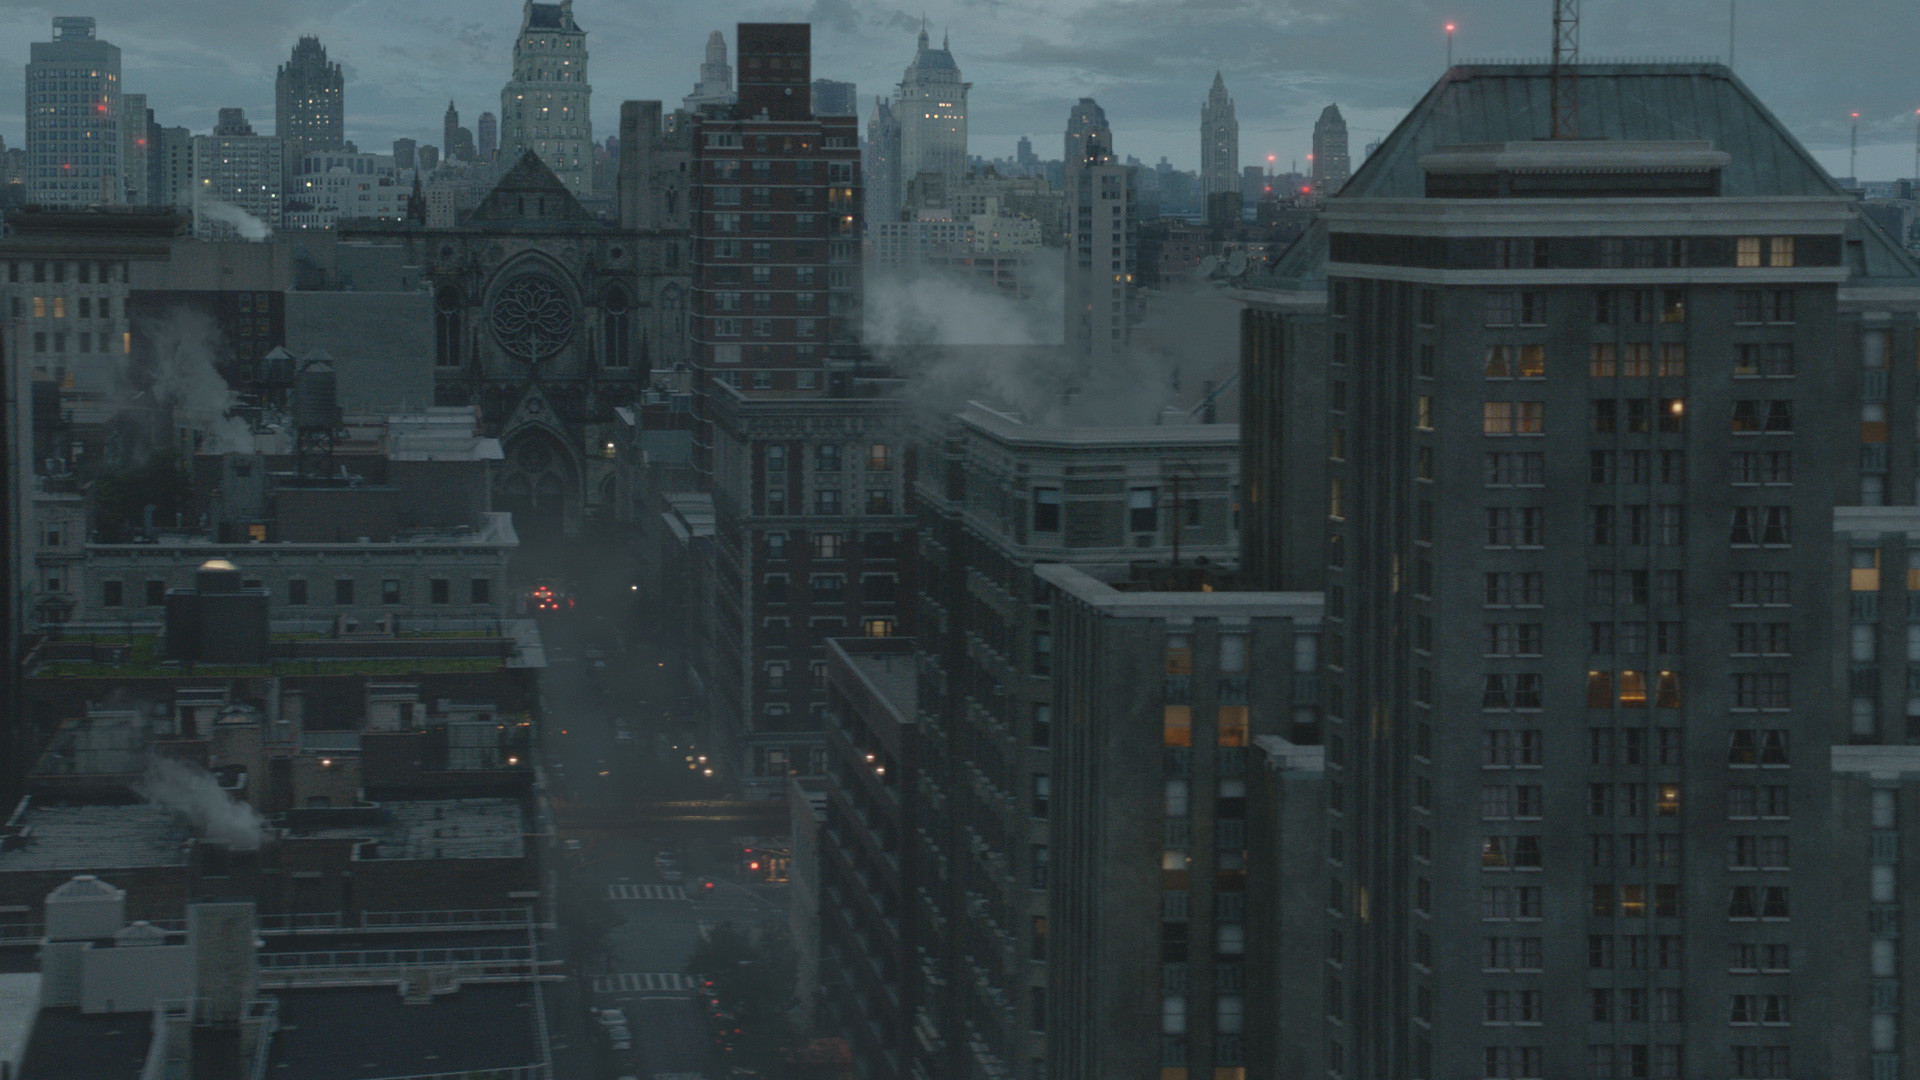 Gotham: Cityscape - Far BG and Sky Photoshop